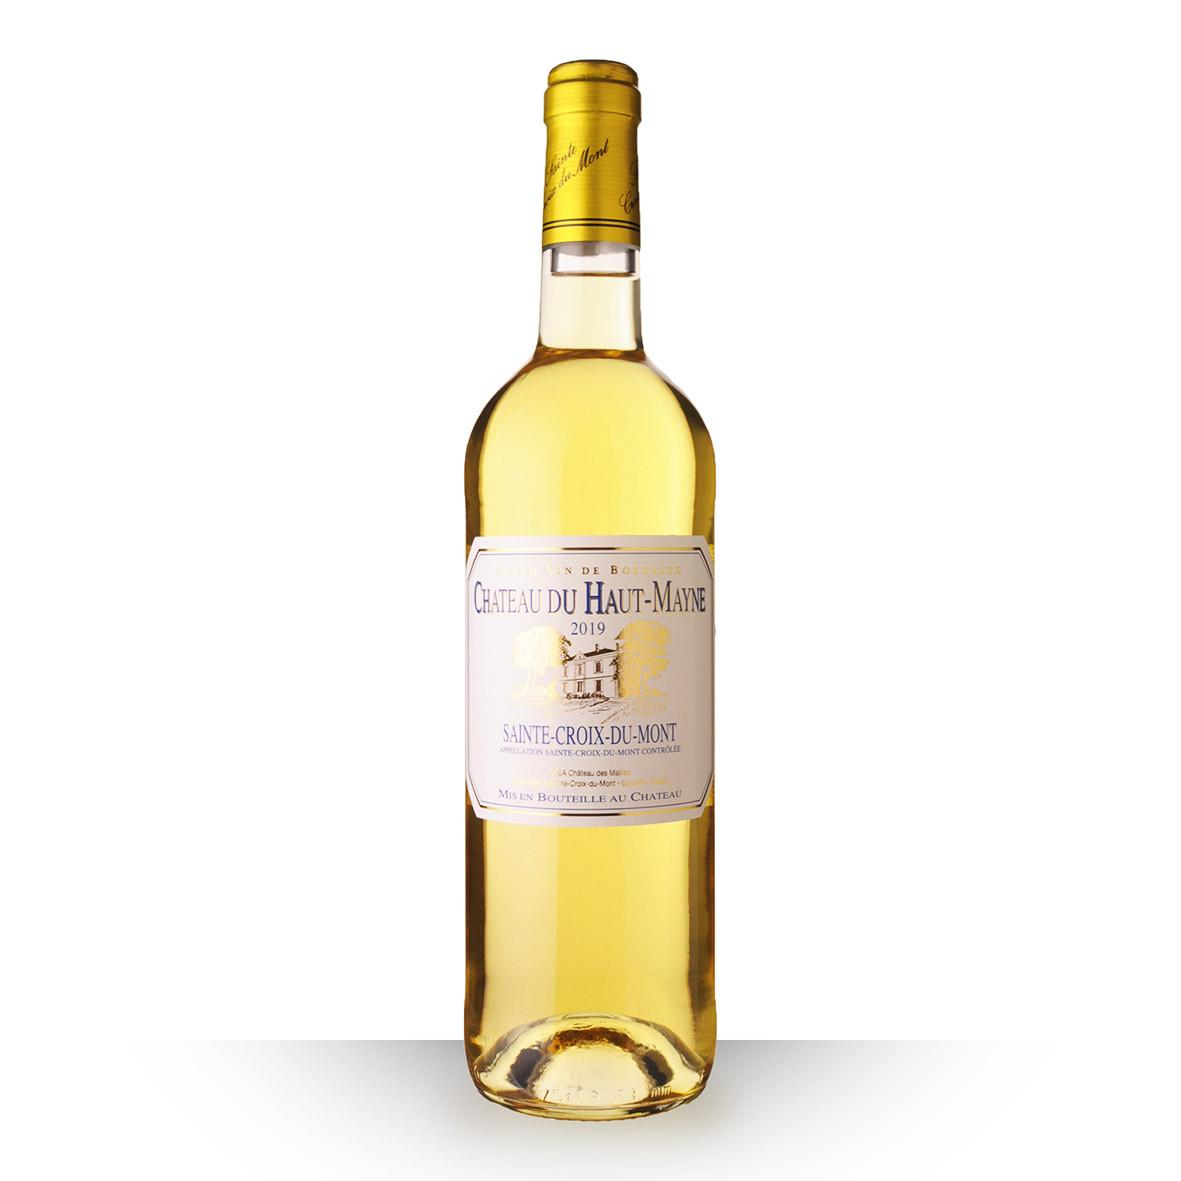 Château du Haut-Mayne Sainte-Croix-du-Mont Blanc 2019 75cl www.odyssee-vins.com